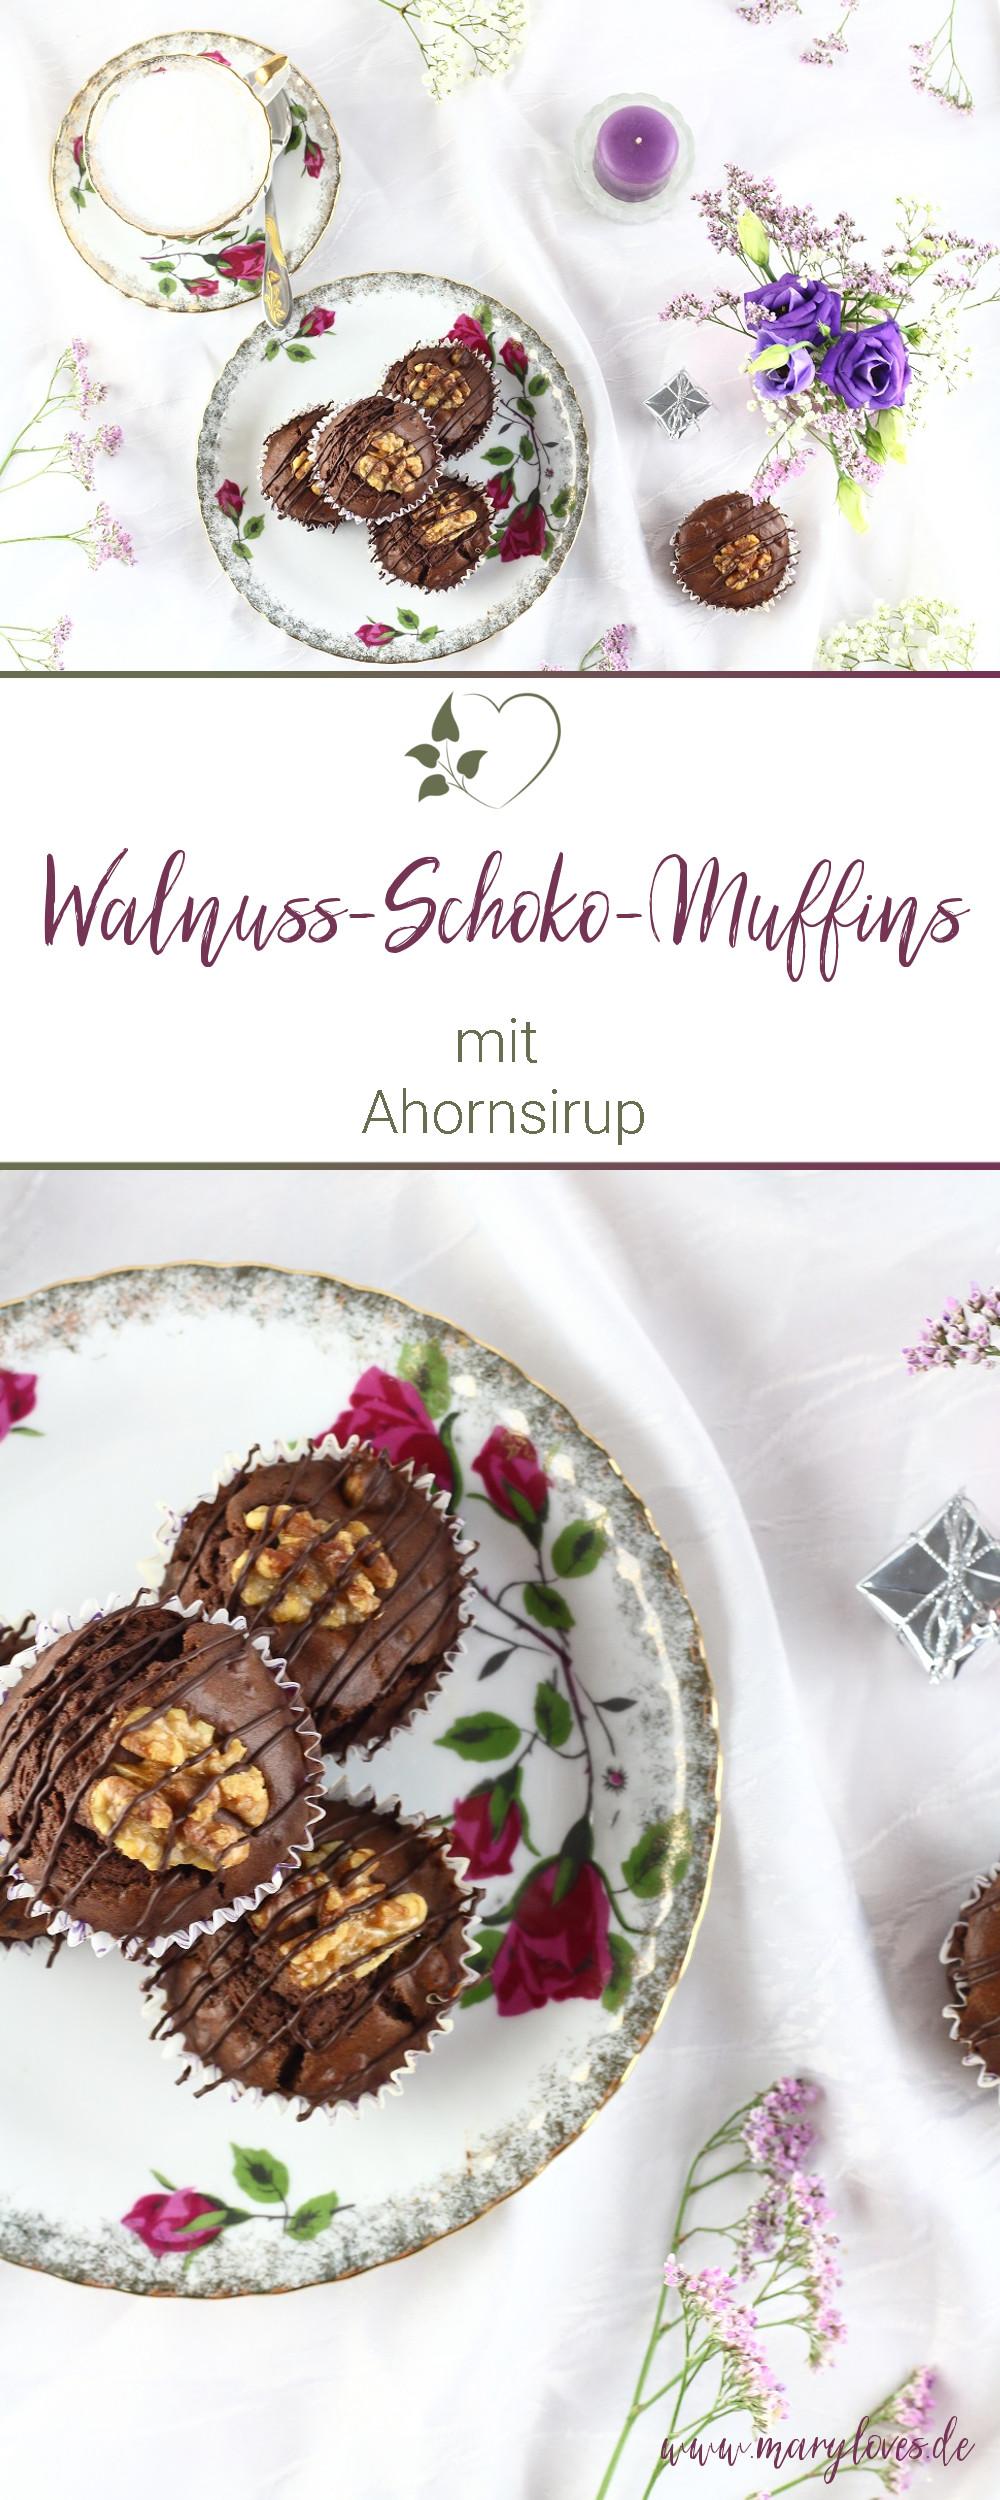 Walnuss-Schokoladen-Muffins mit Ahornsirup #walnussschokomuffins #muffins #walnussmuffins #schokomuffins #zuckerfrei #zuckerfreibacken